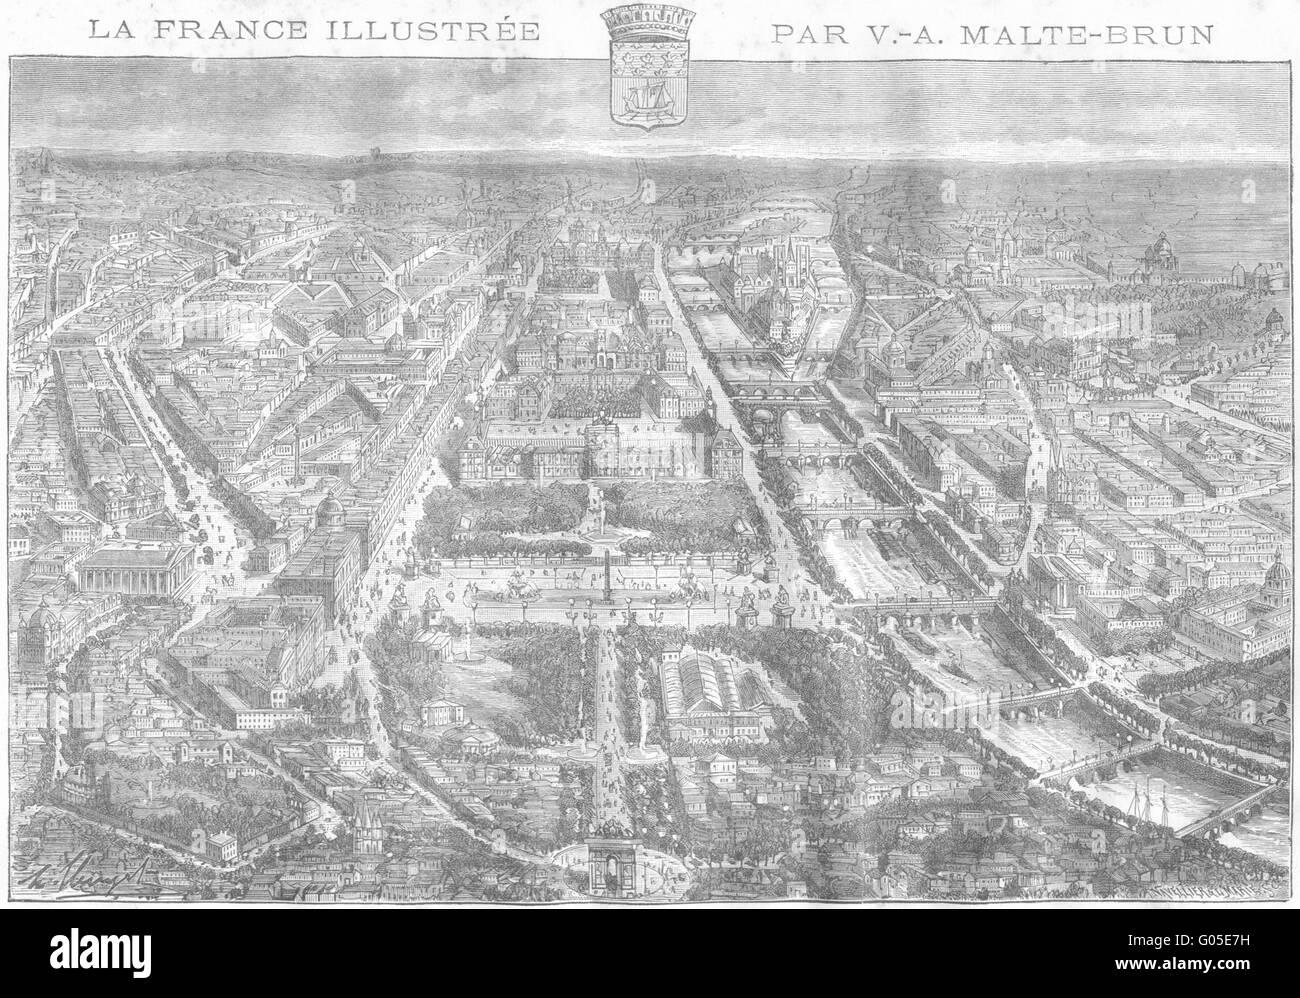 PARIS: Prise de L'Arc Triomphe L'Etoile, antique print 1883 - Stock Image